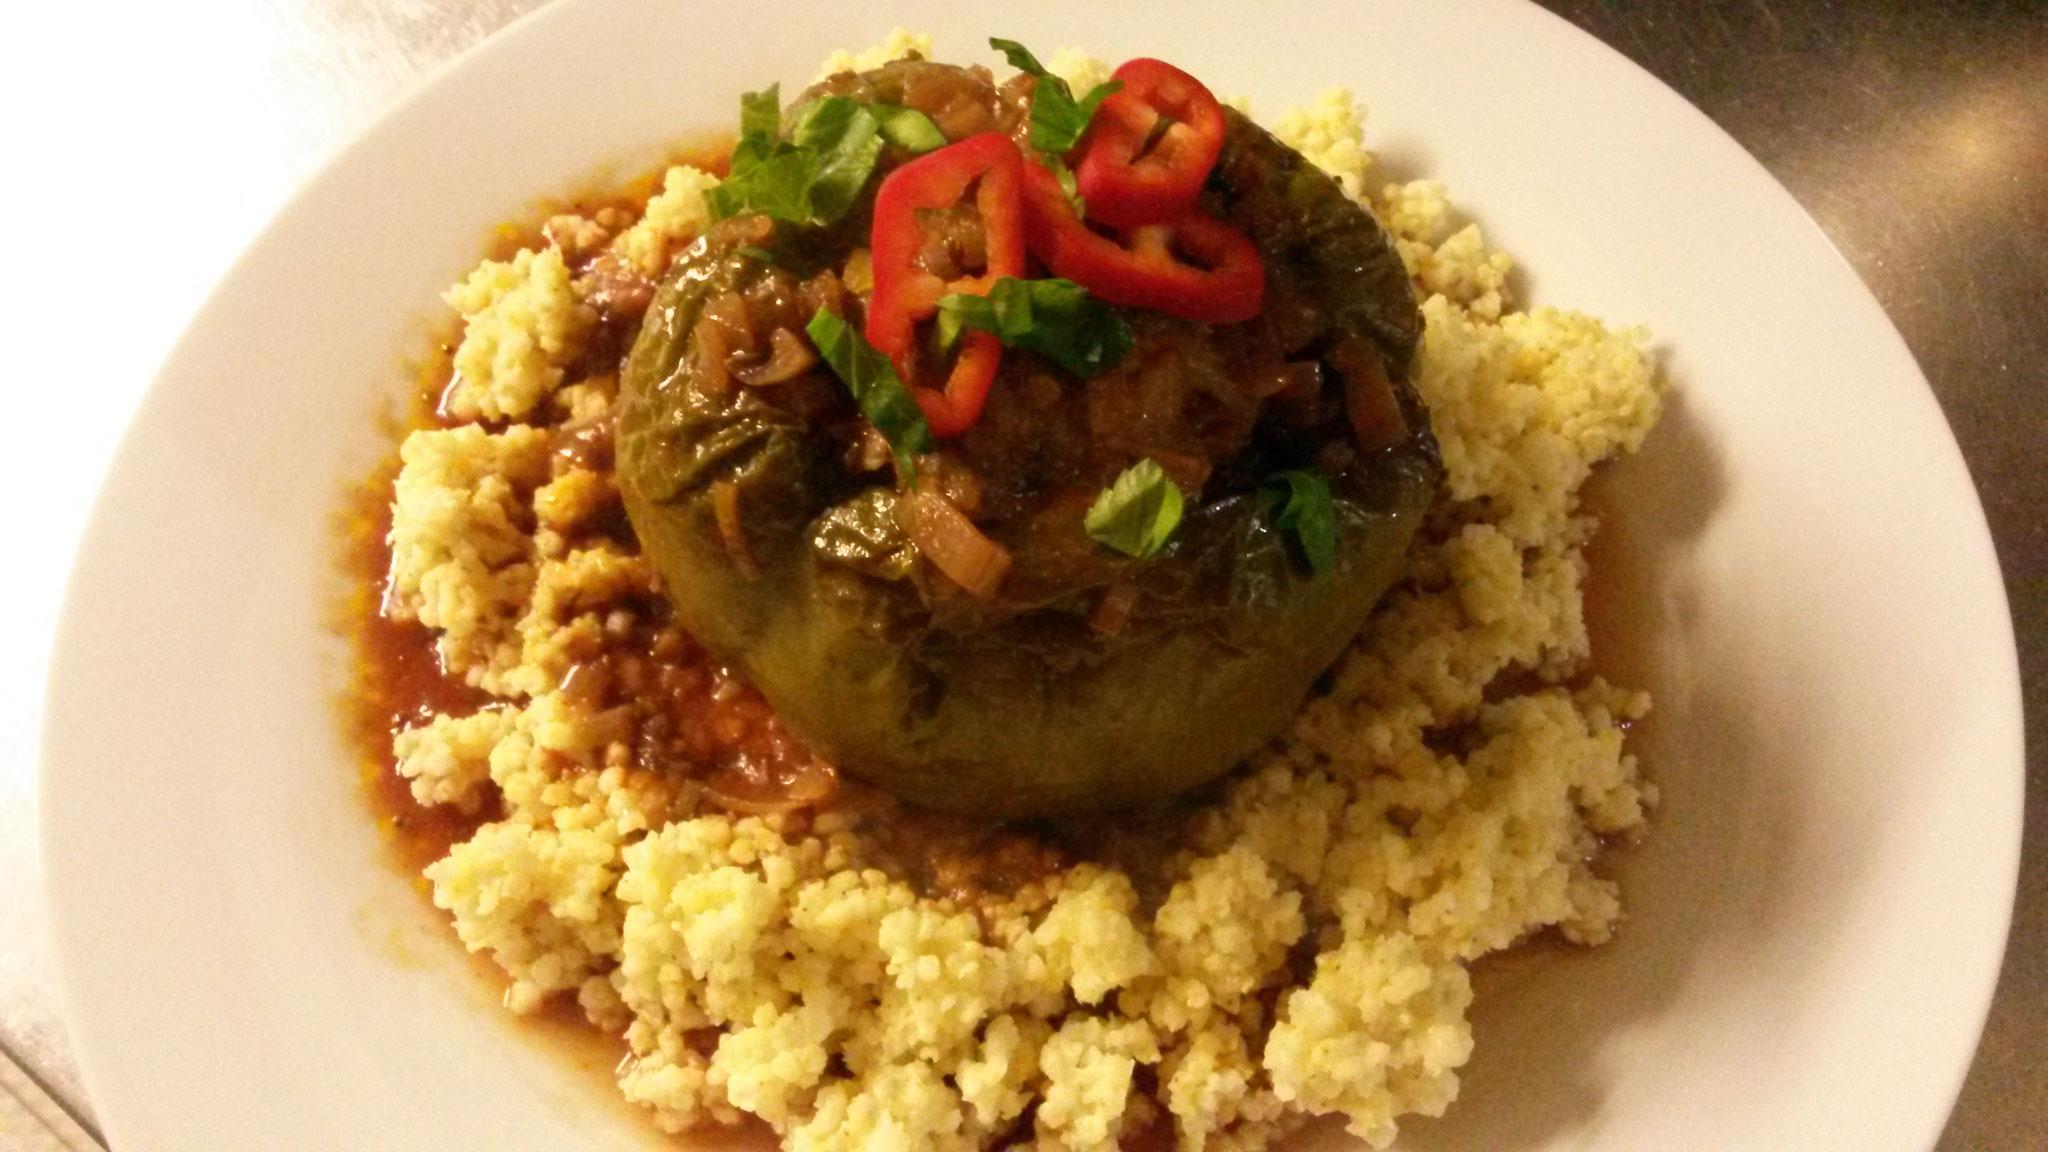 Beispiel für moderne Landküche:  Gefüllte Paprika auf Hirse